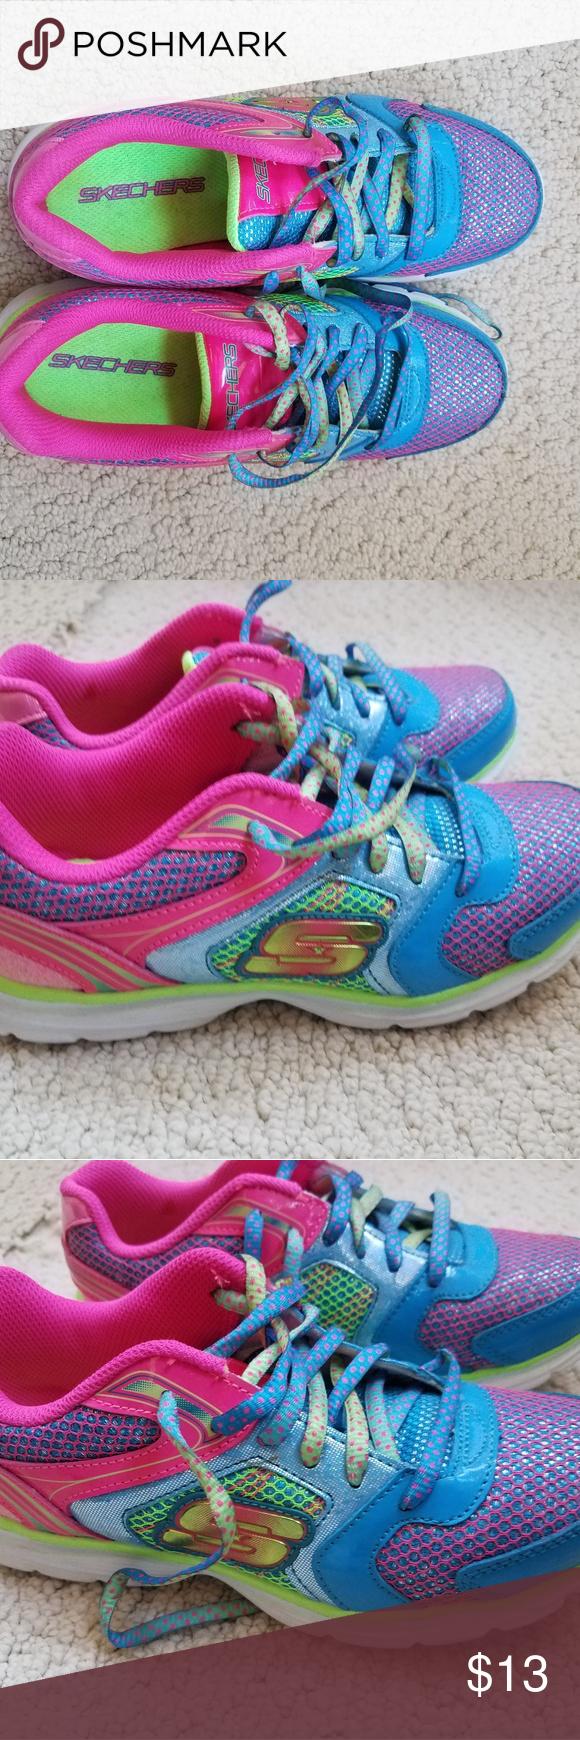 Sketchers shoes, Shoes, Skechers shoes